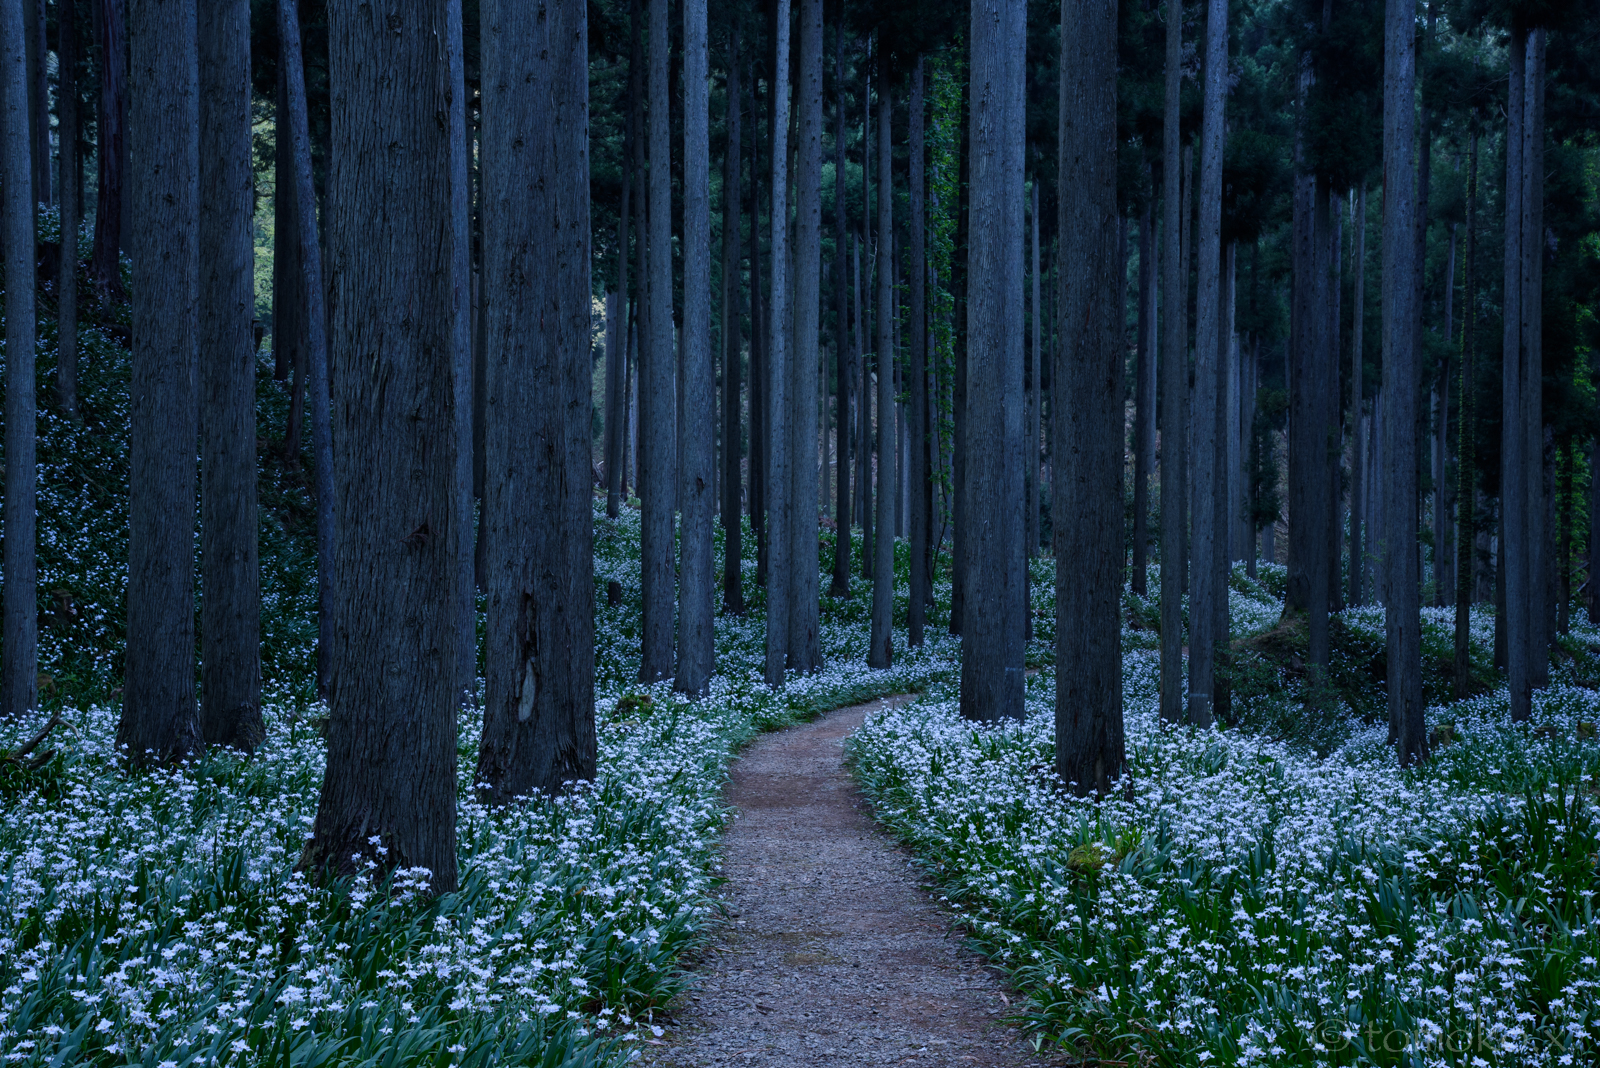 綾部はシャガの群生の森